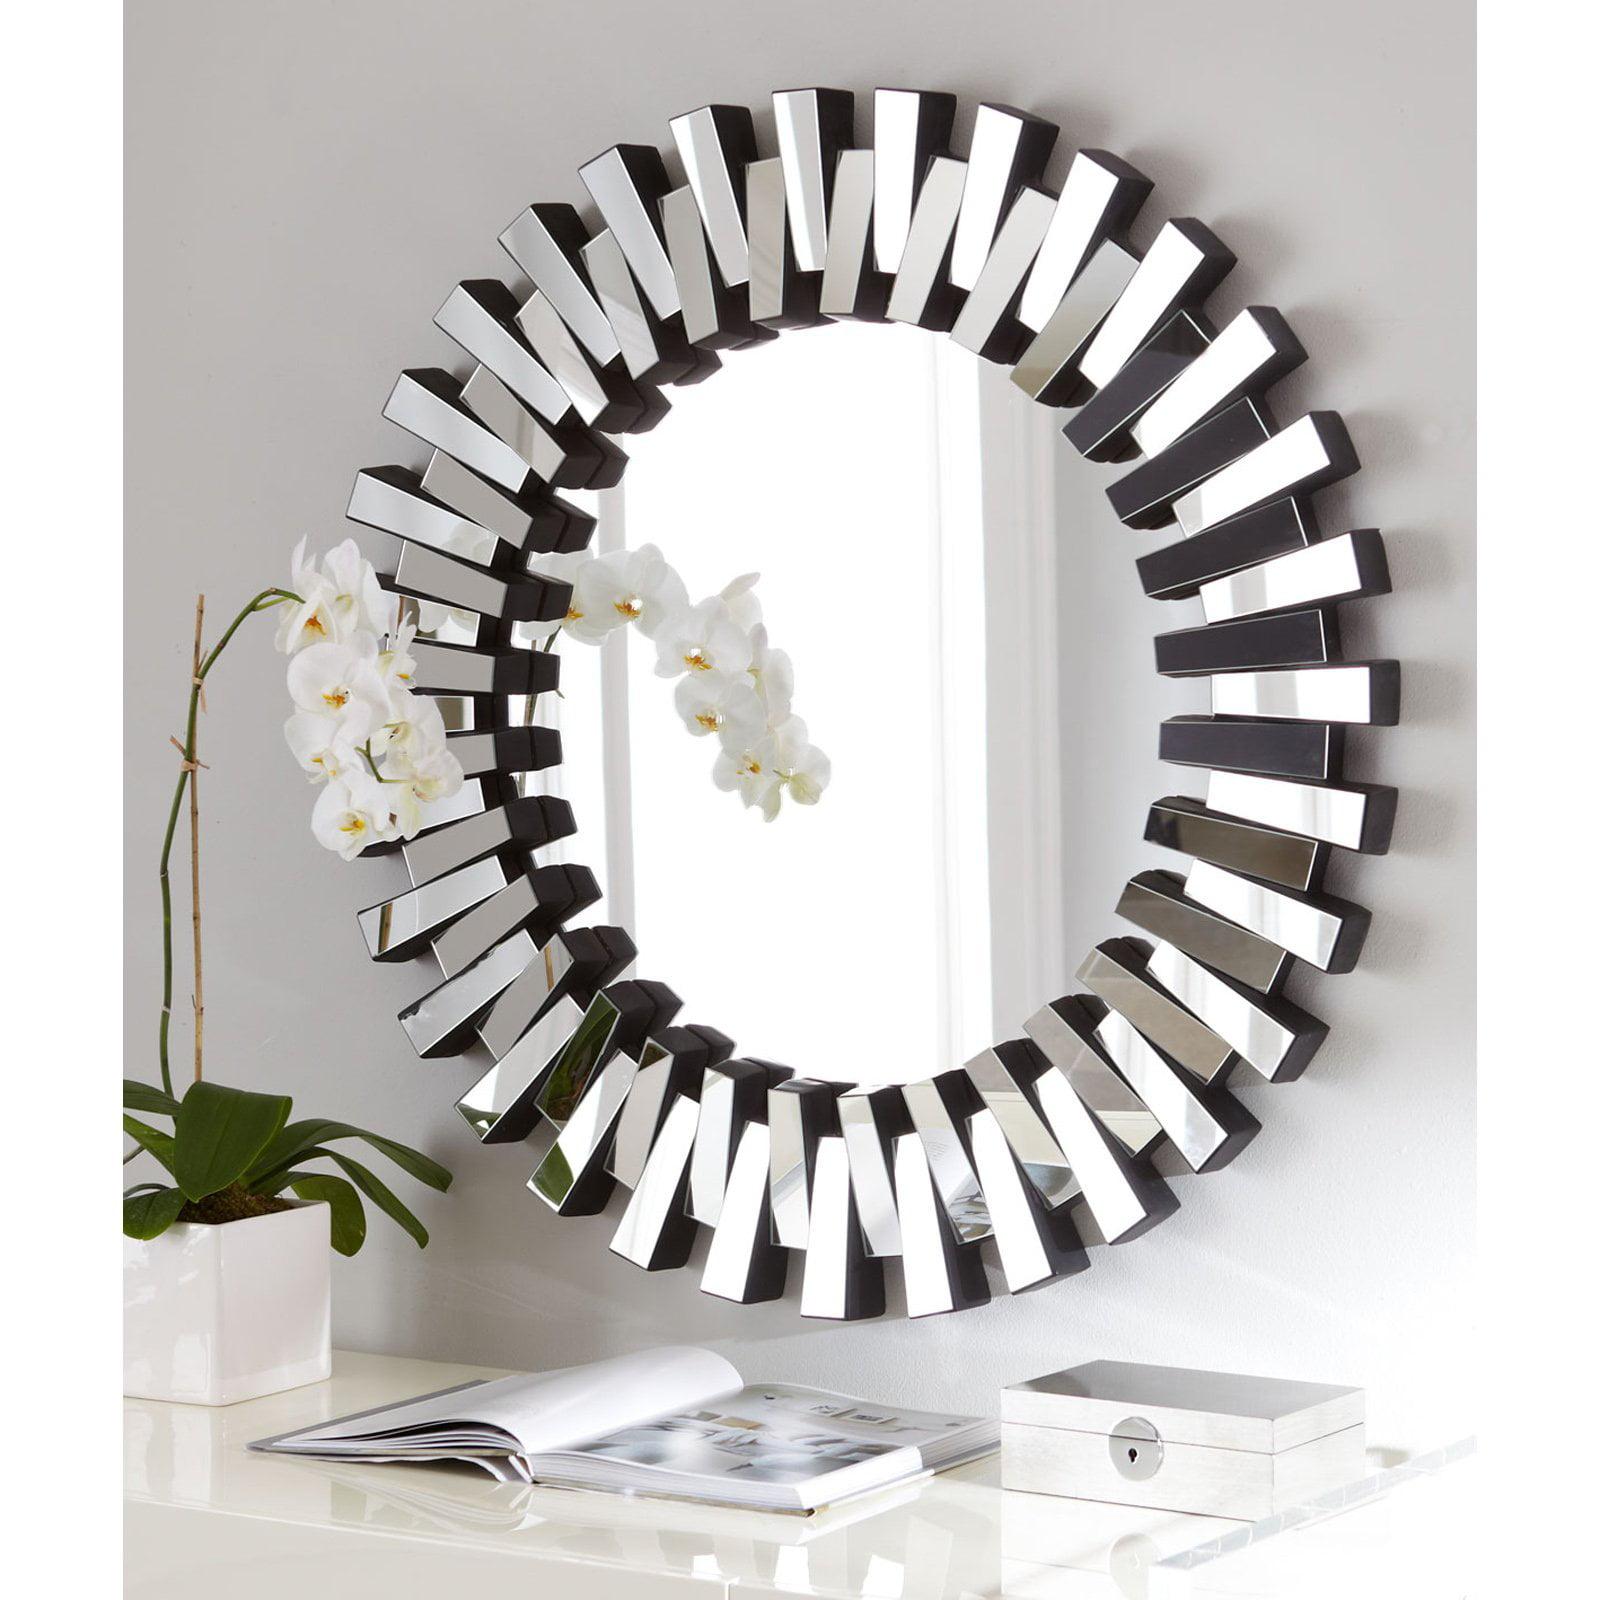 afina modern luxe round wall mirror 36 in walmart com